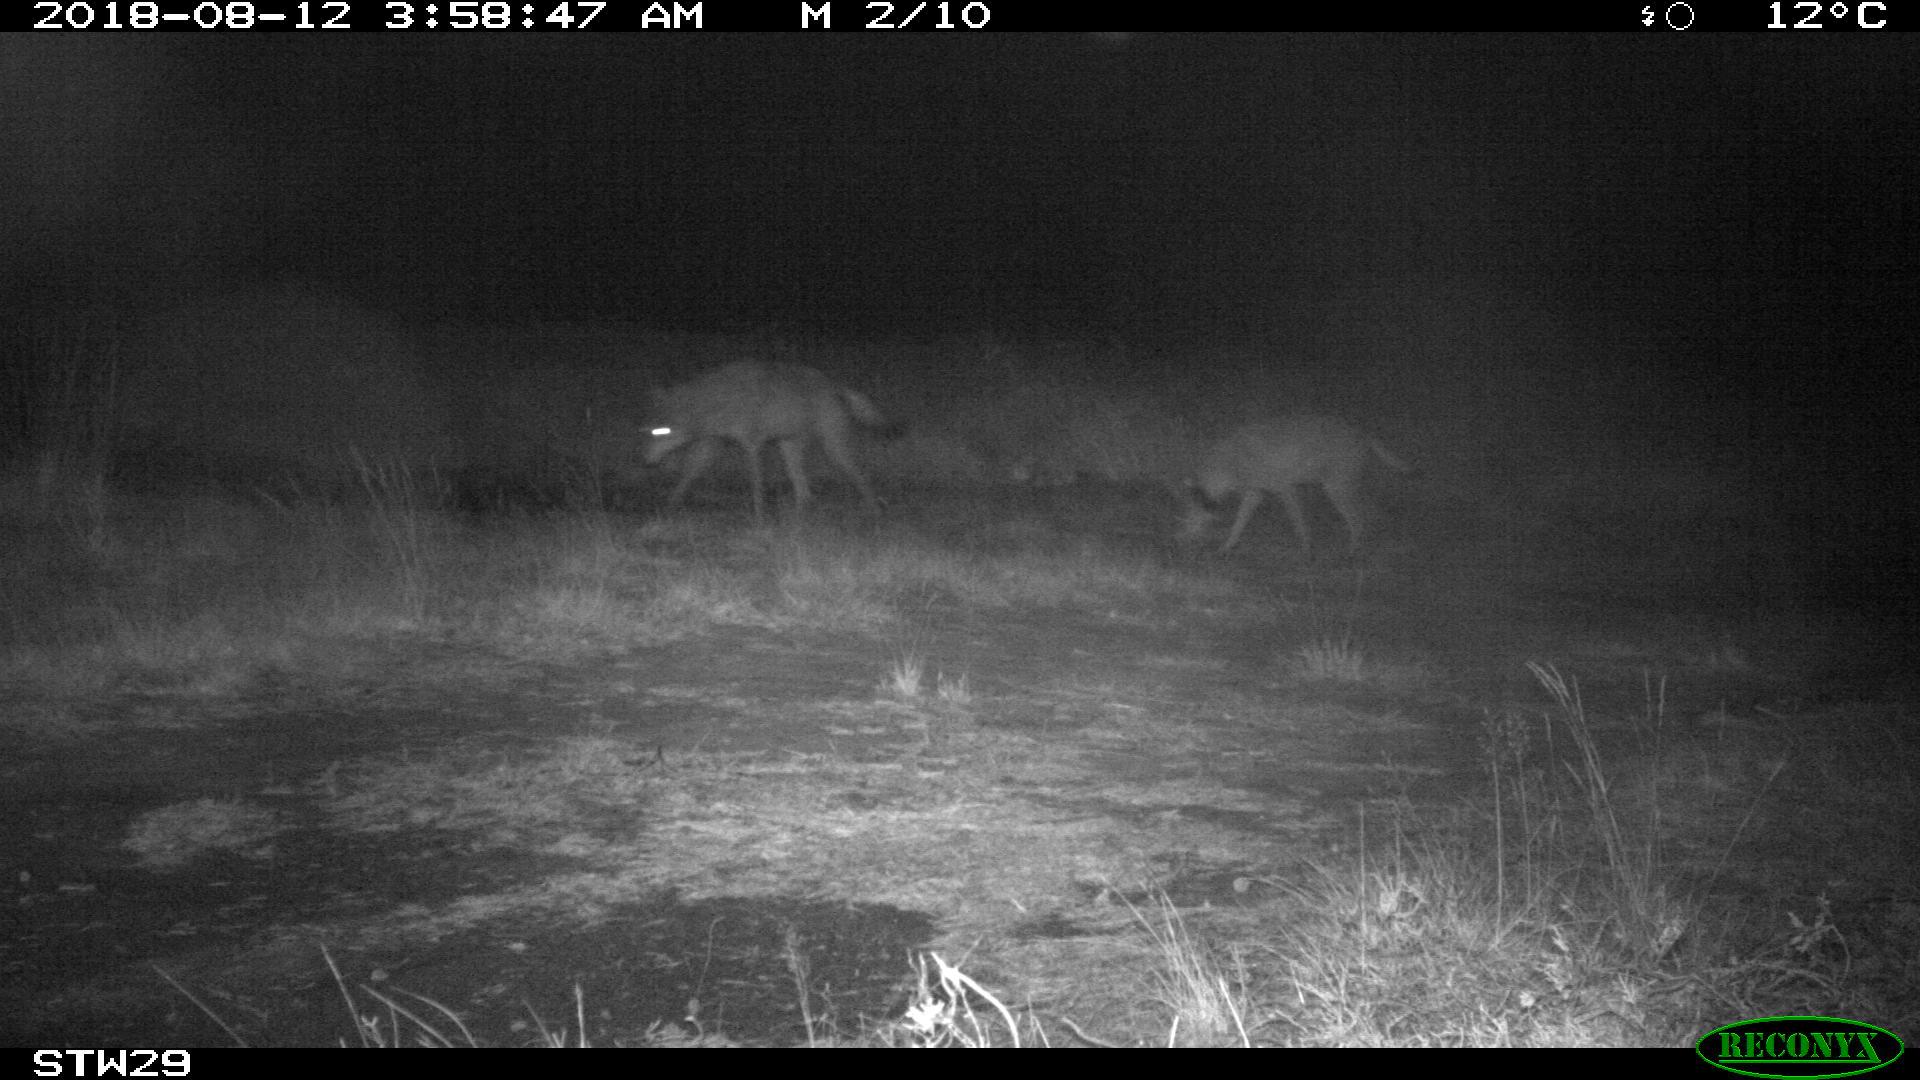 Les loups Naya et August responsables de la mort de quatre moutons dans le Limbourg